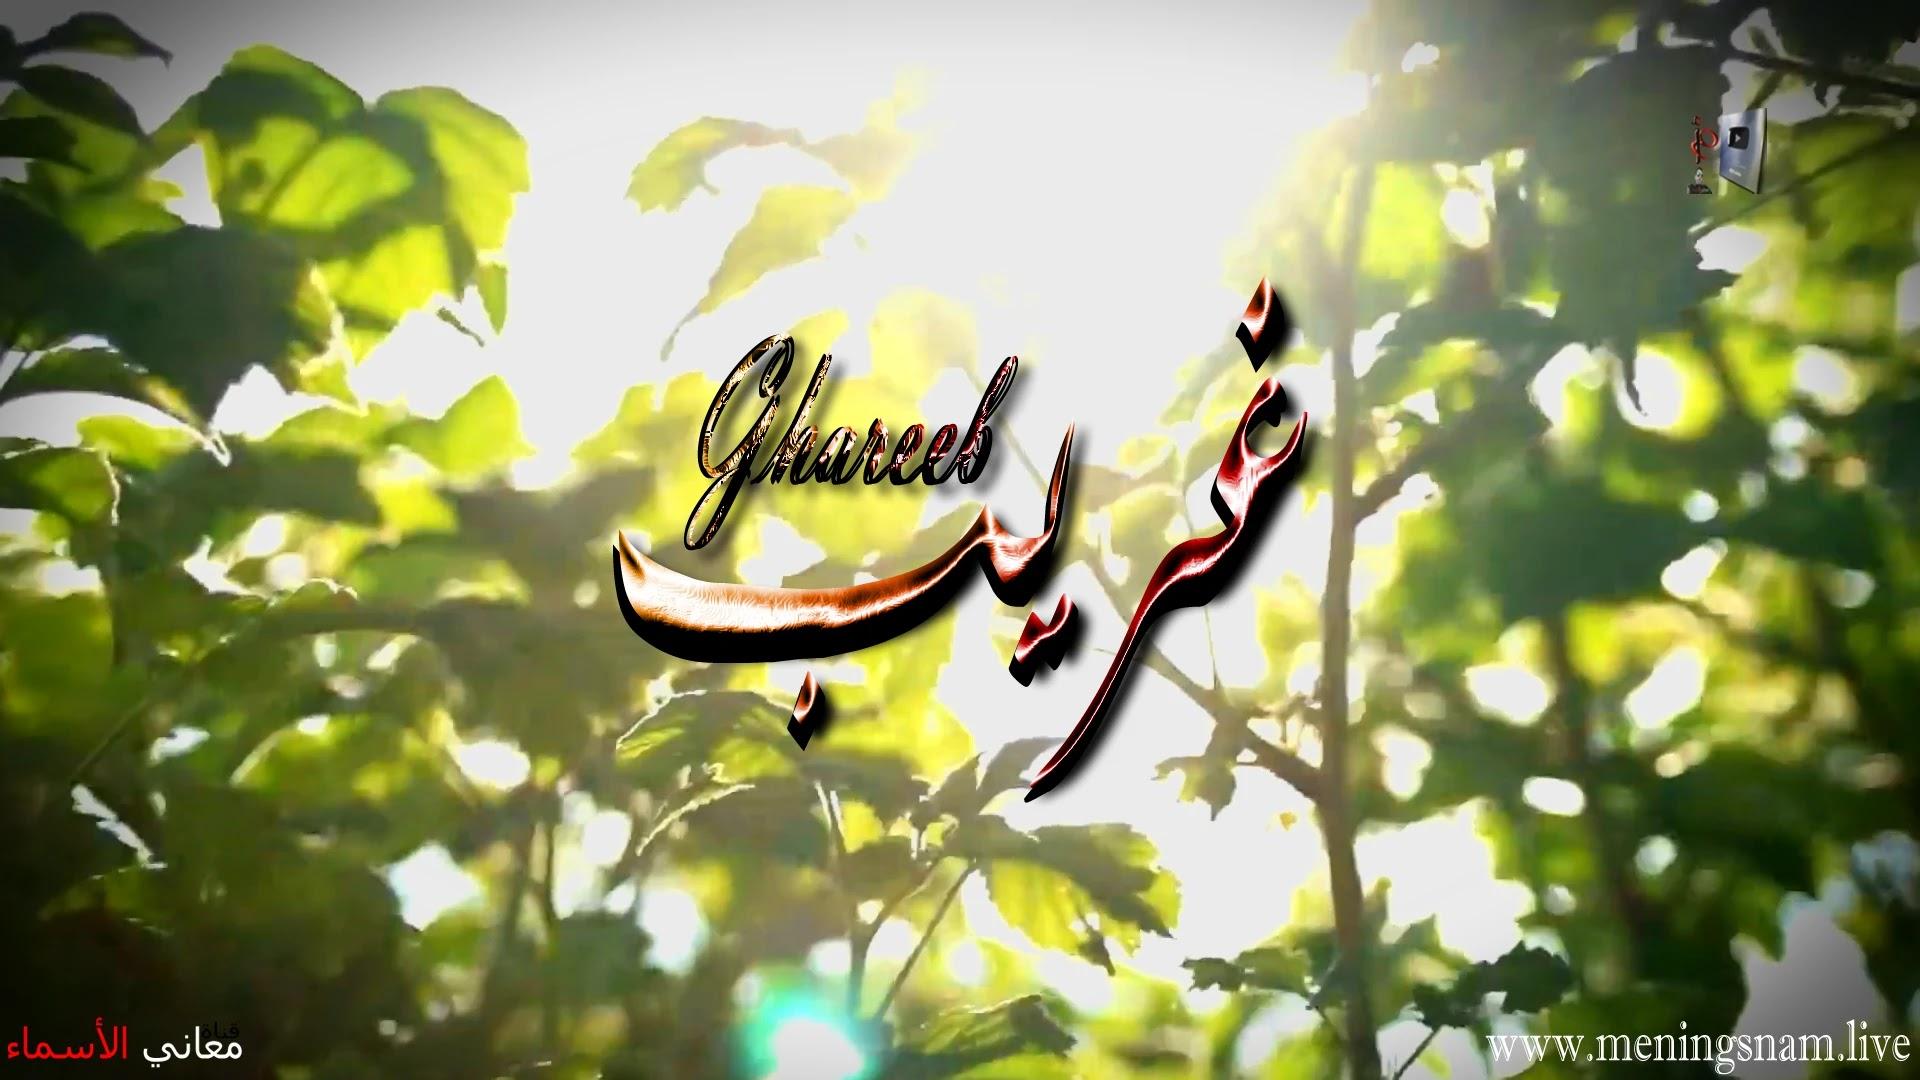 معنى اسم غريب وصفات حامل هذا الاسم Ghareb